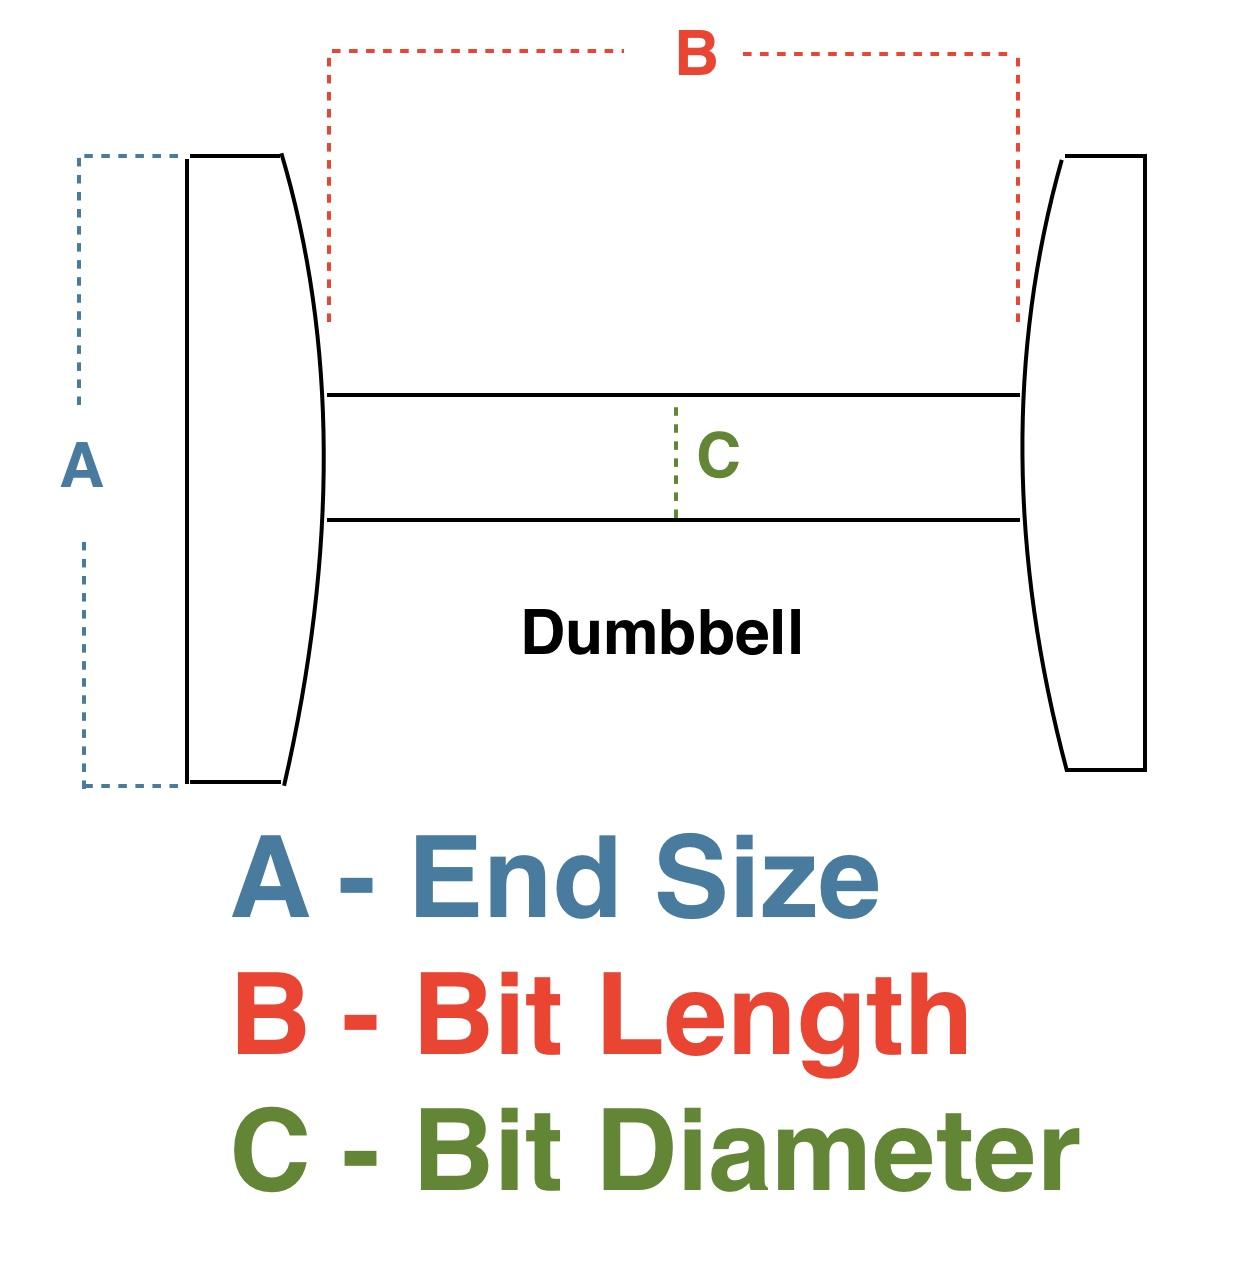 dumbbell-measuring-diagram.jpeg